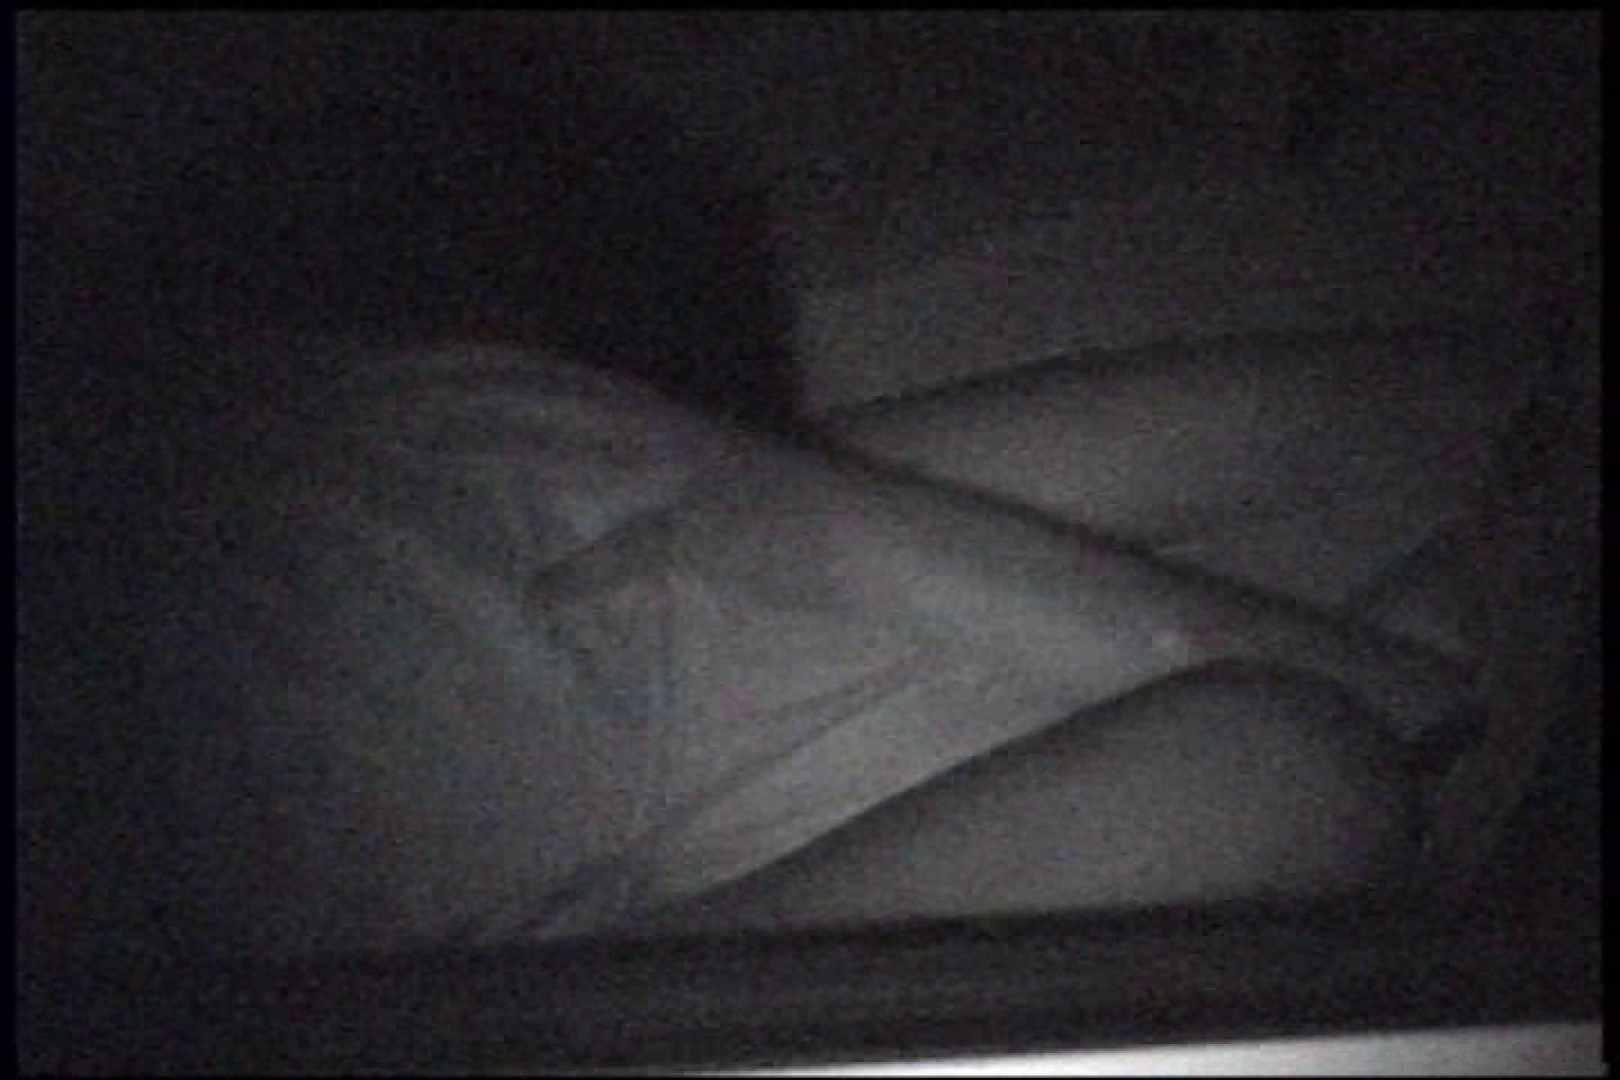 充血監督の深夜の運動会Vol.234 手マン 盗み撮りSEX無修正画像 61画像 8